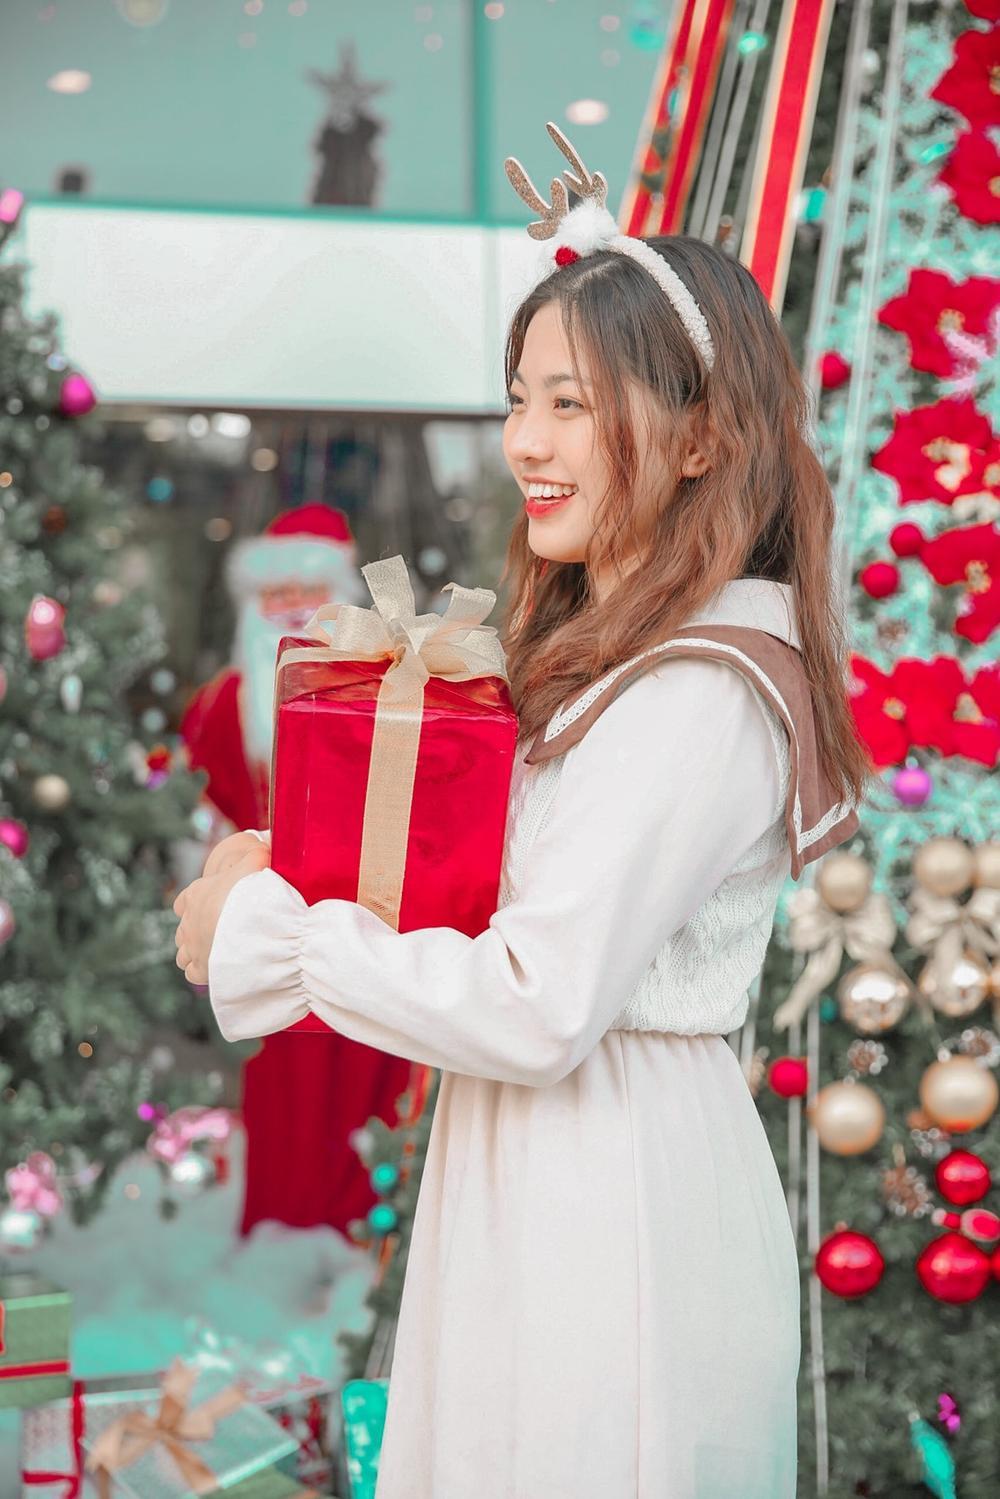 Dàn trai xinh gái đẹp 'trường NEU' háo nức check-in tiểu cảnh Noel Ảnh 10